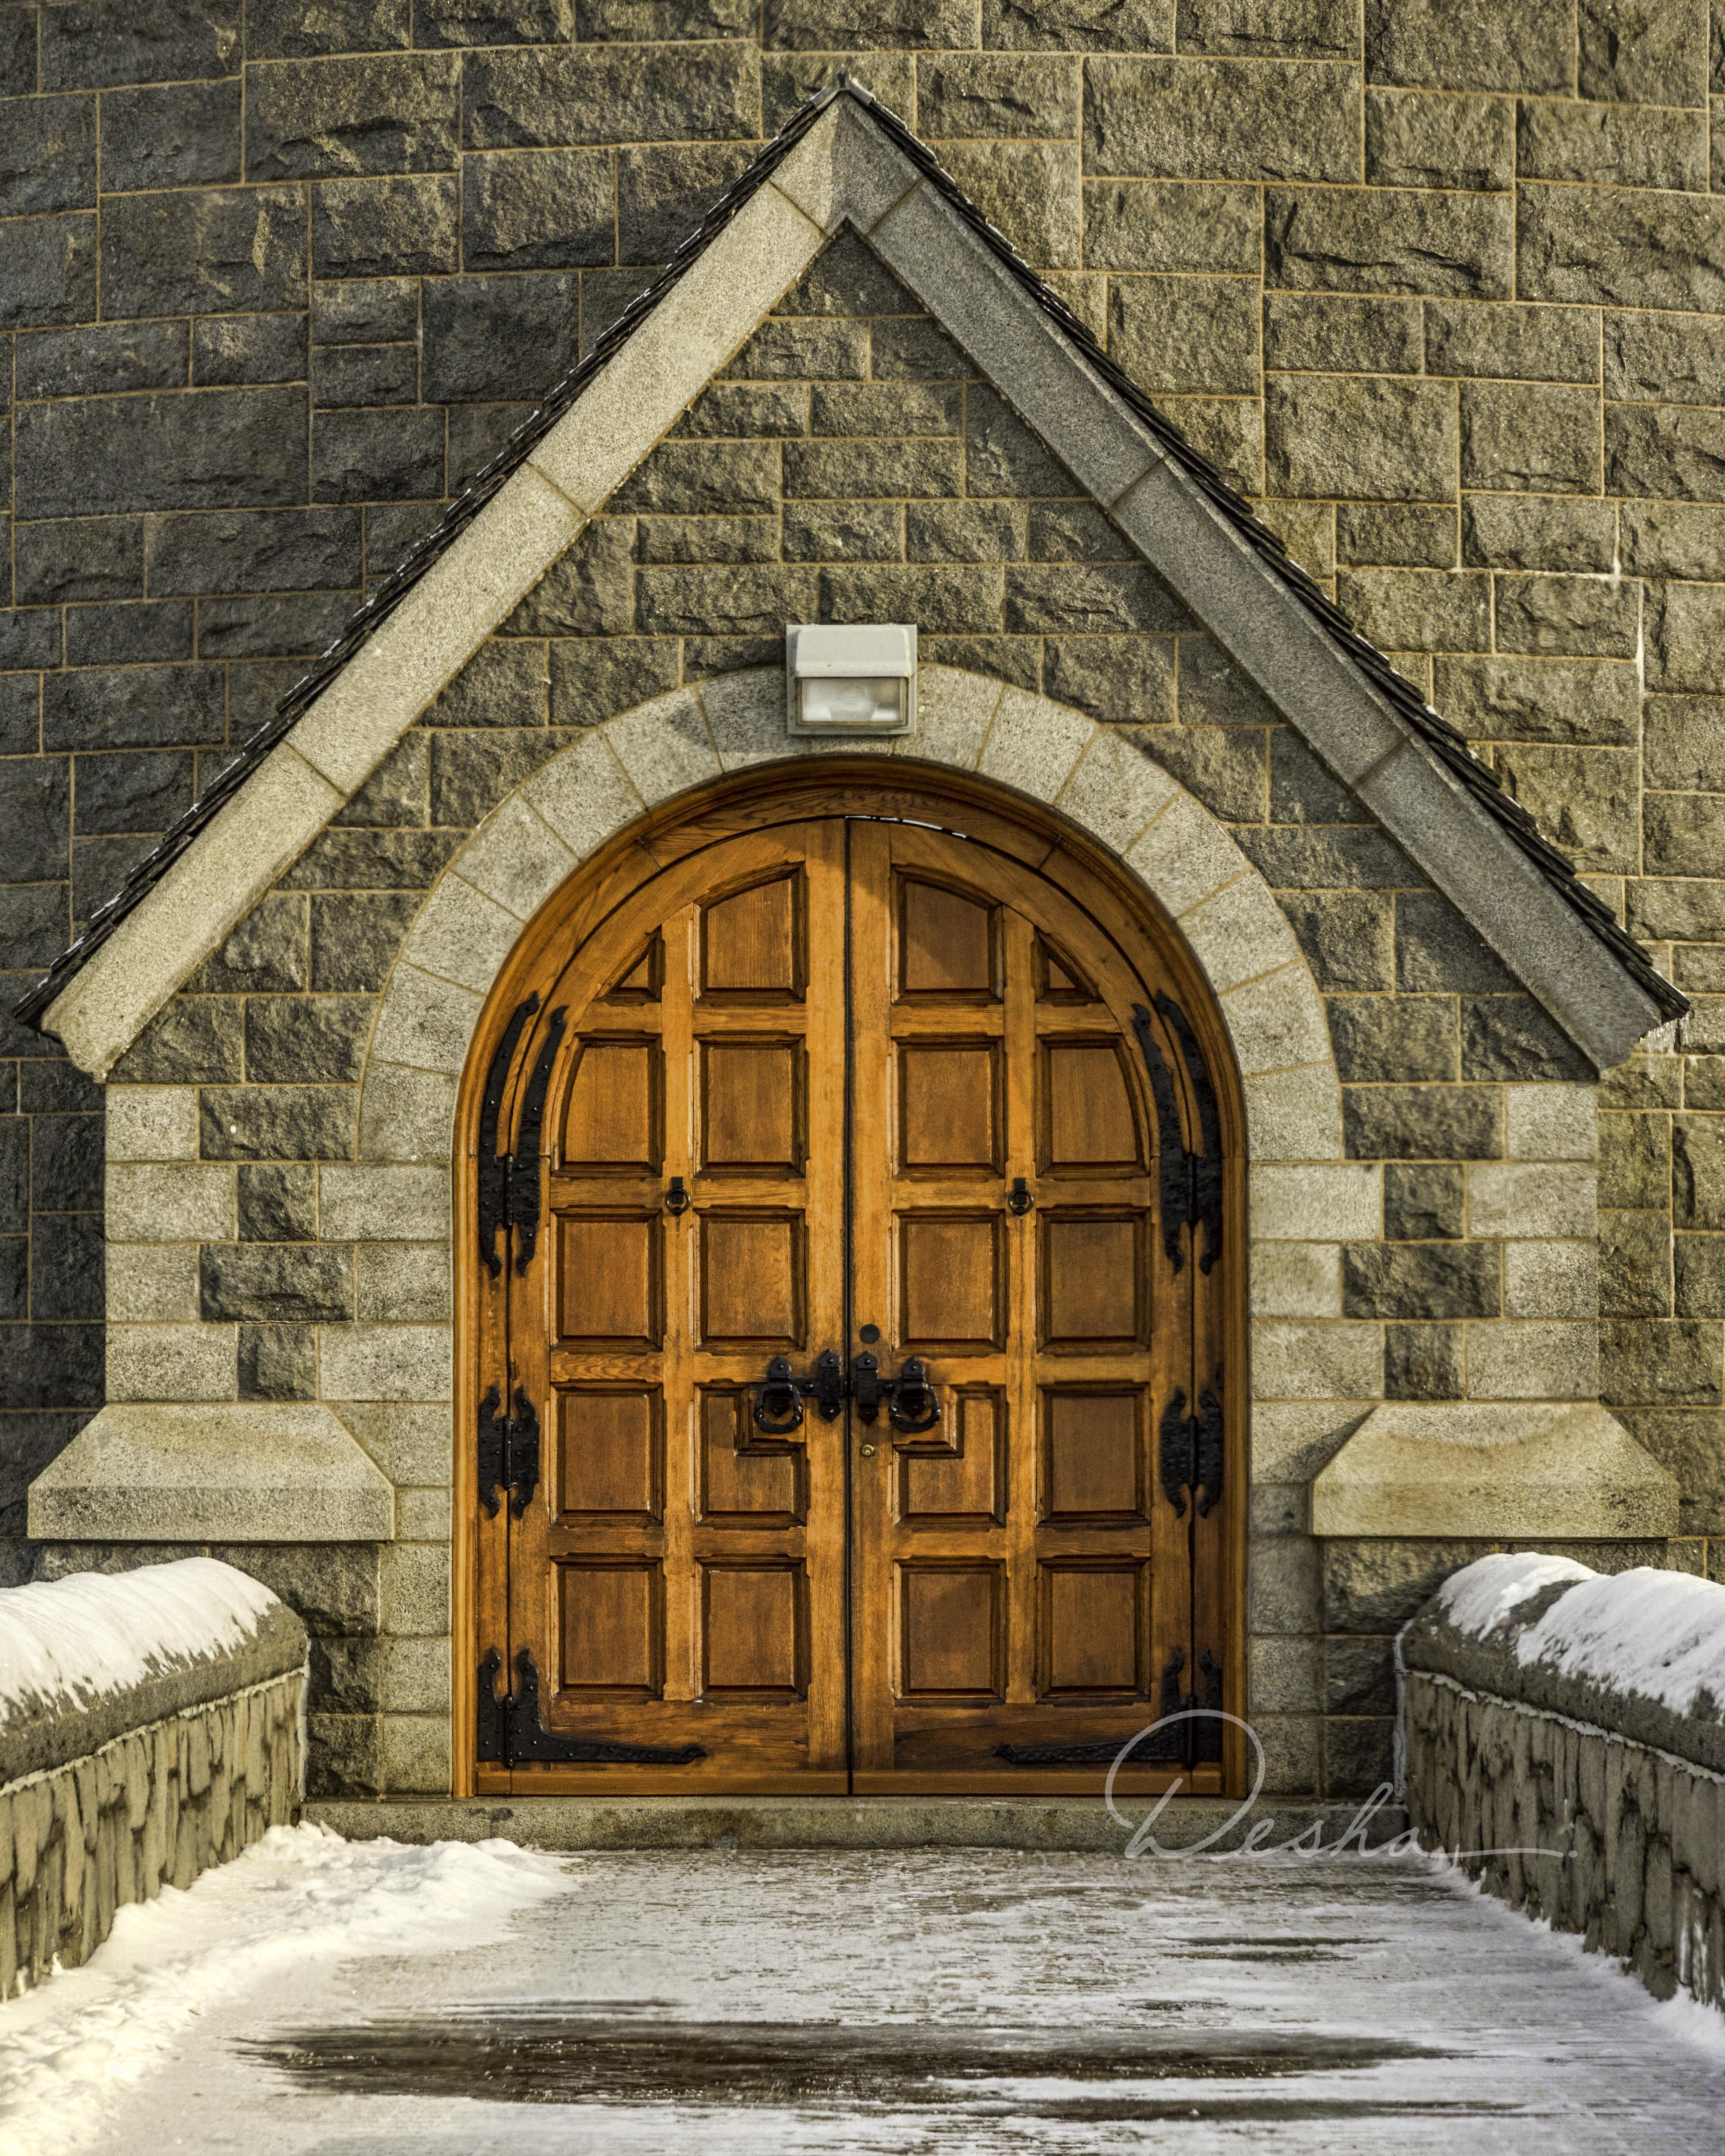 Saville Dam Door